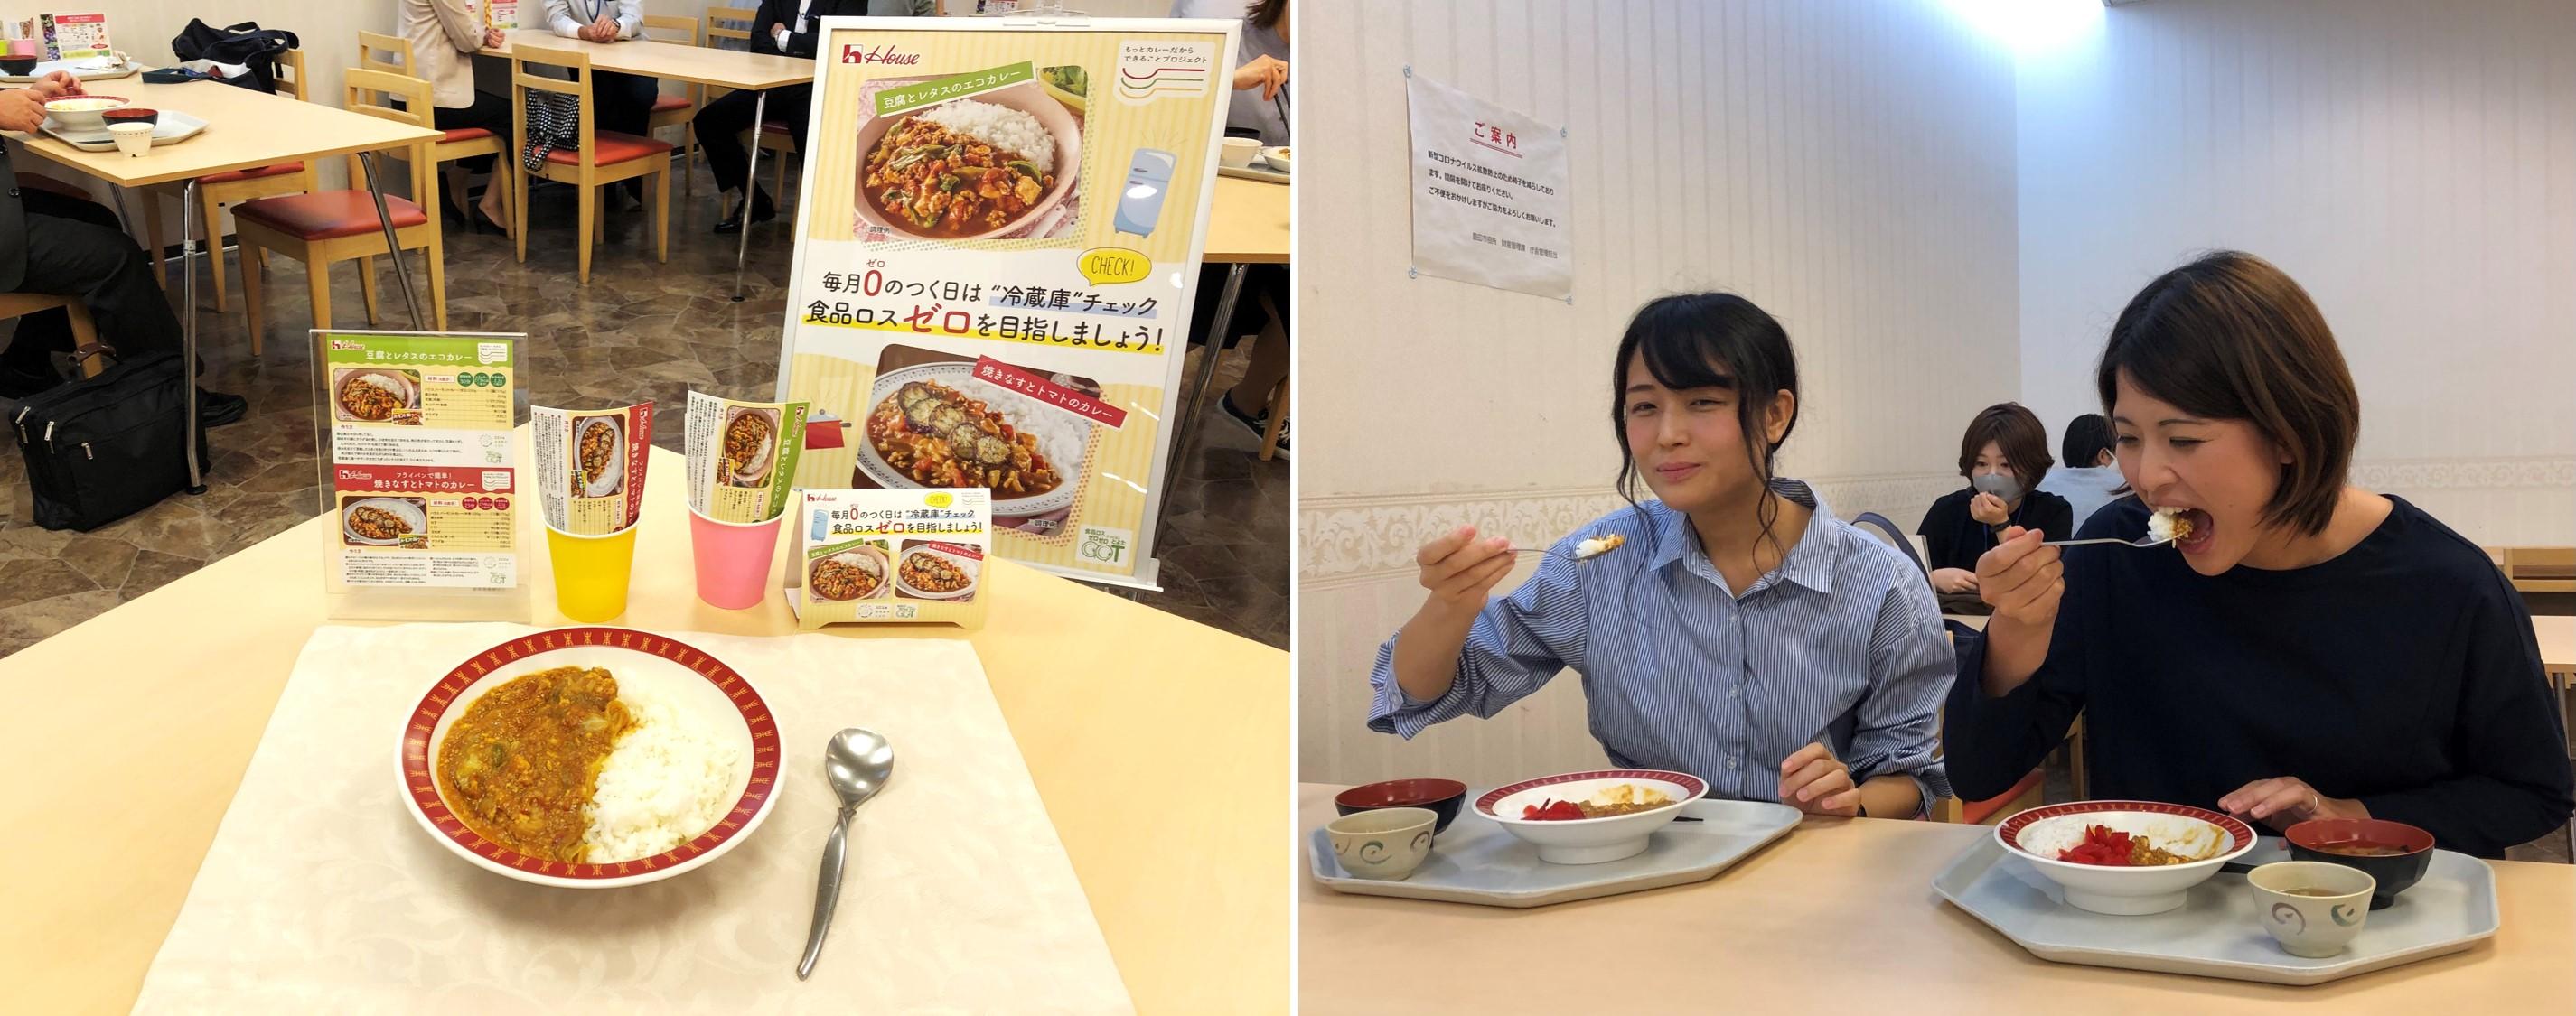 豊田市役所食堂に「食品ロス削減おすすめカレー」が登場